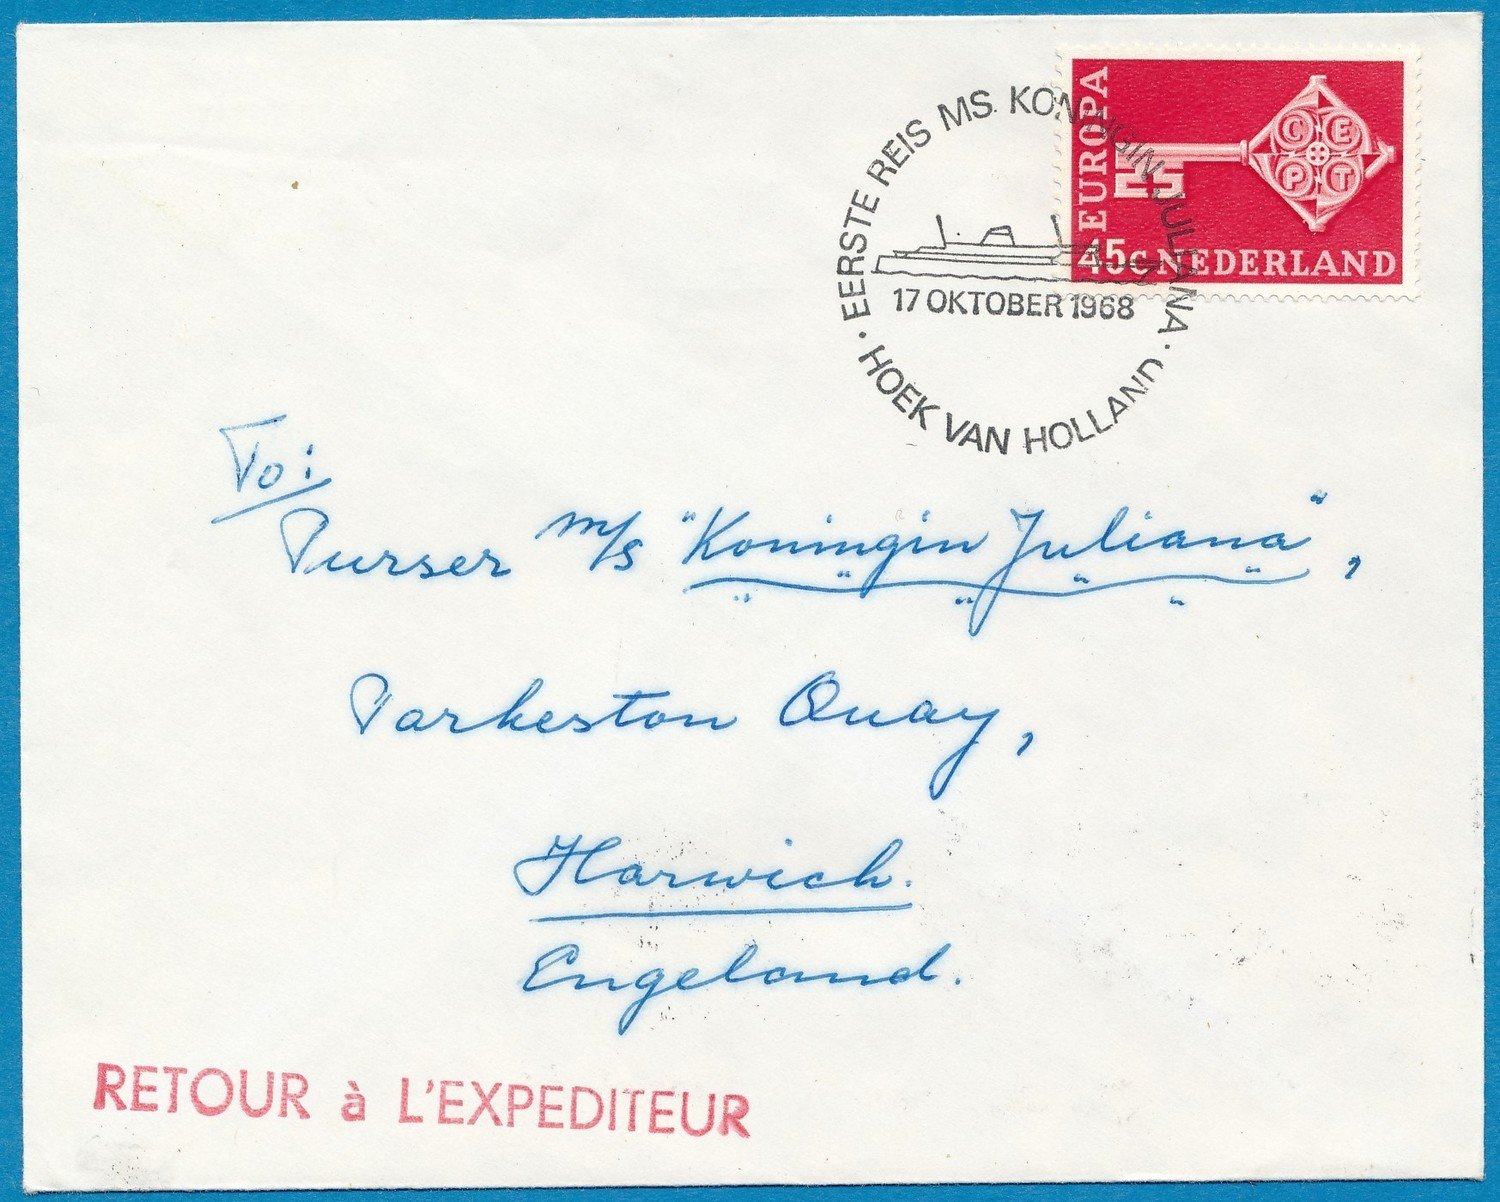 NEDERLAND scheepsbrief 1968 MS Kon. Juliana